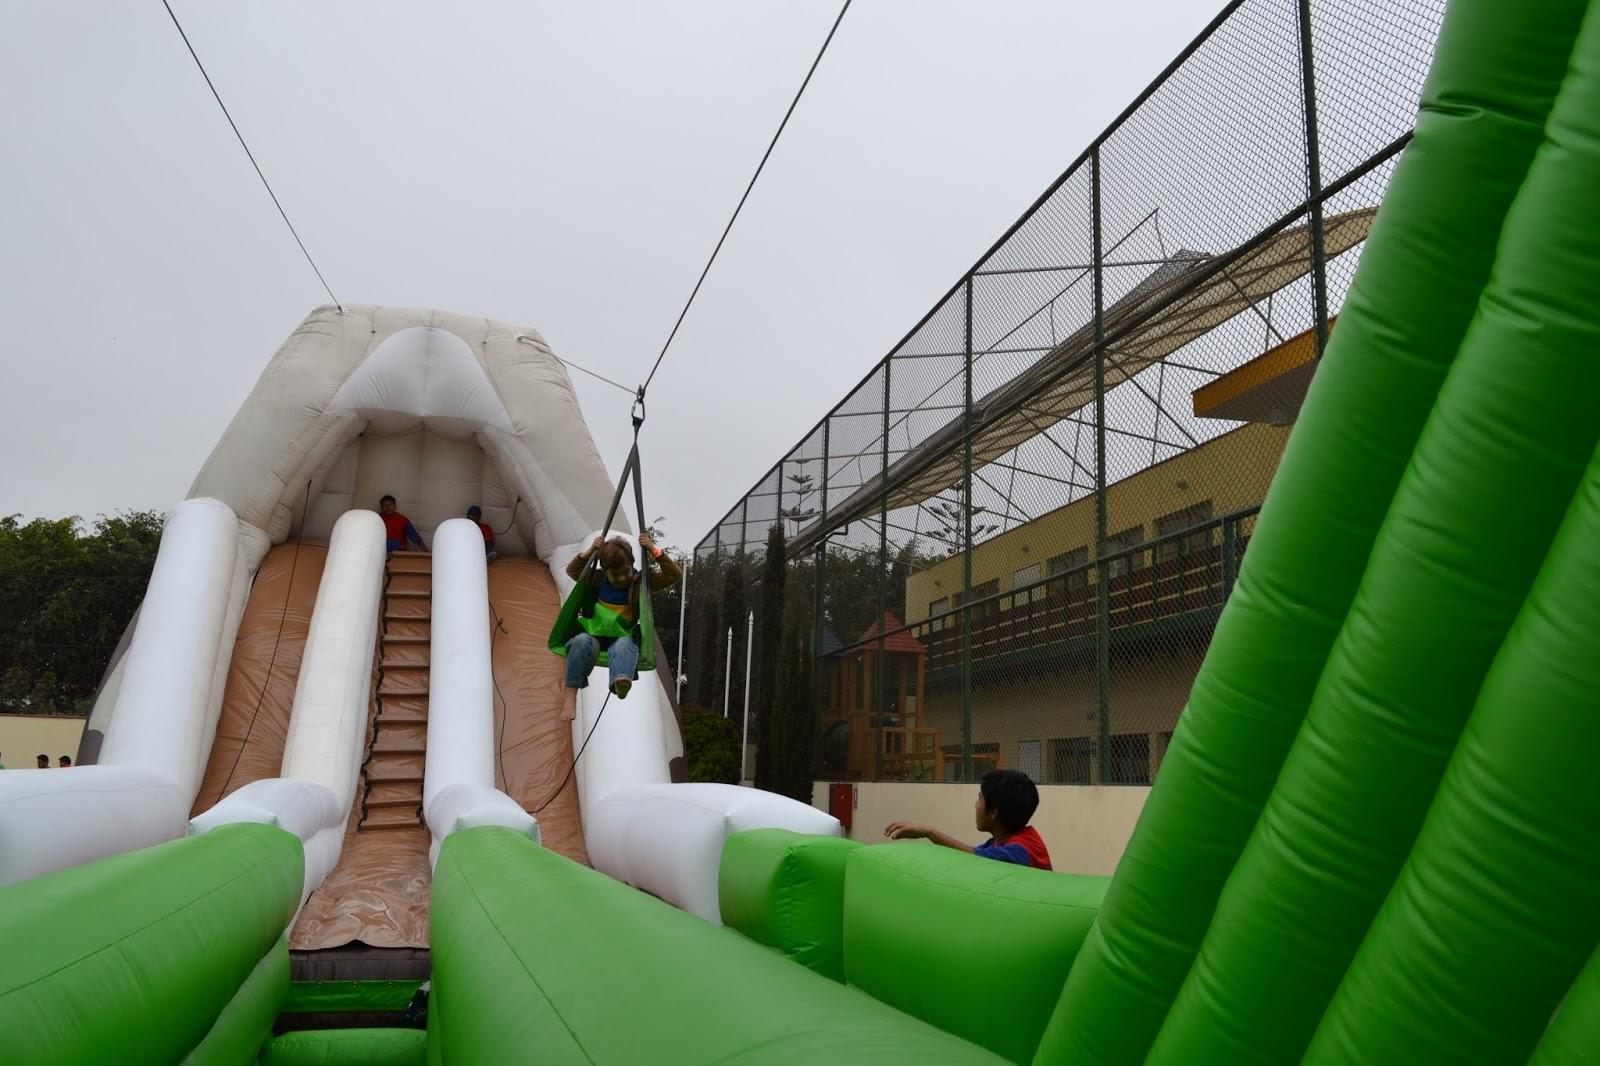 Juegos Inflables Para Cumpleanos Fiestas Y Eventos En Lima Peru T